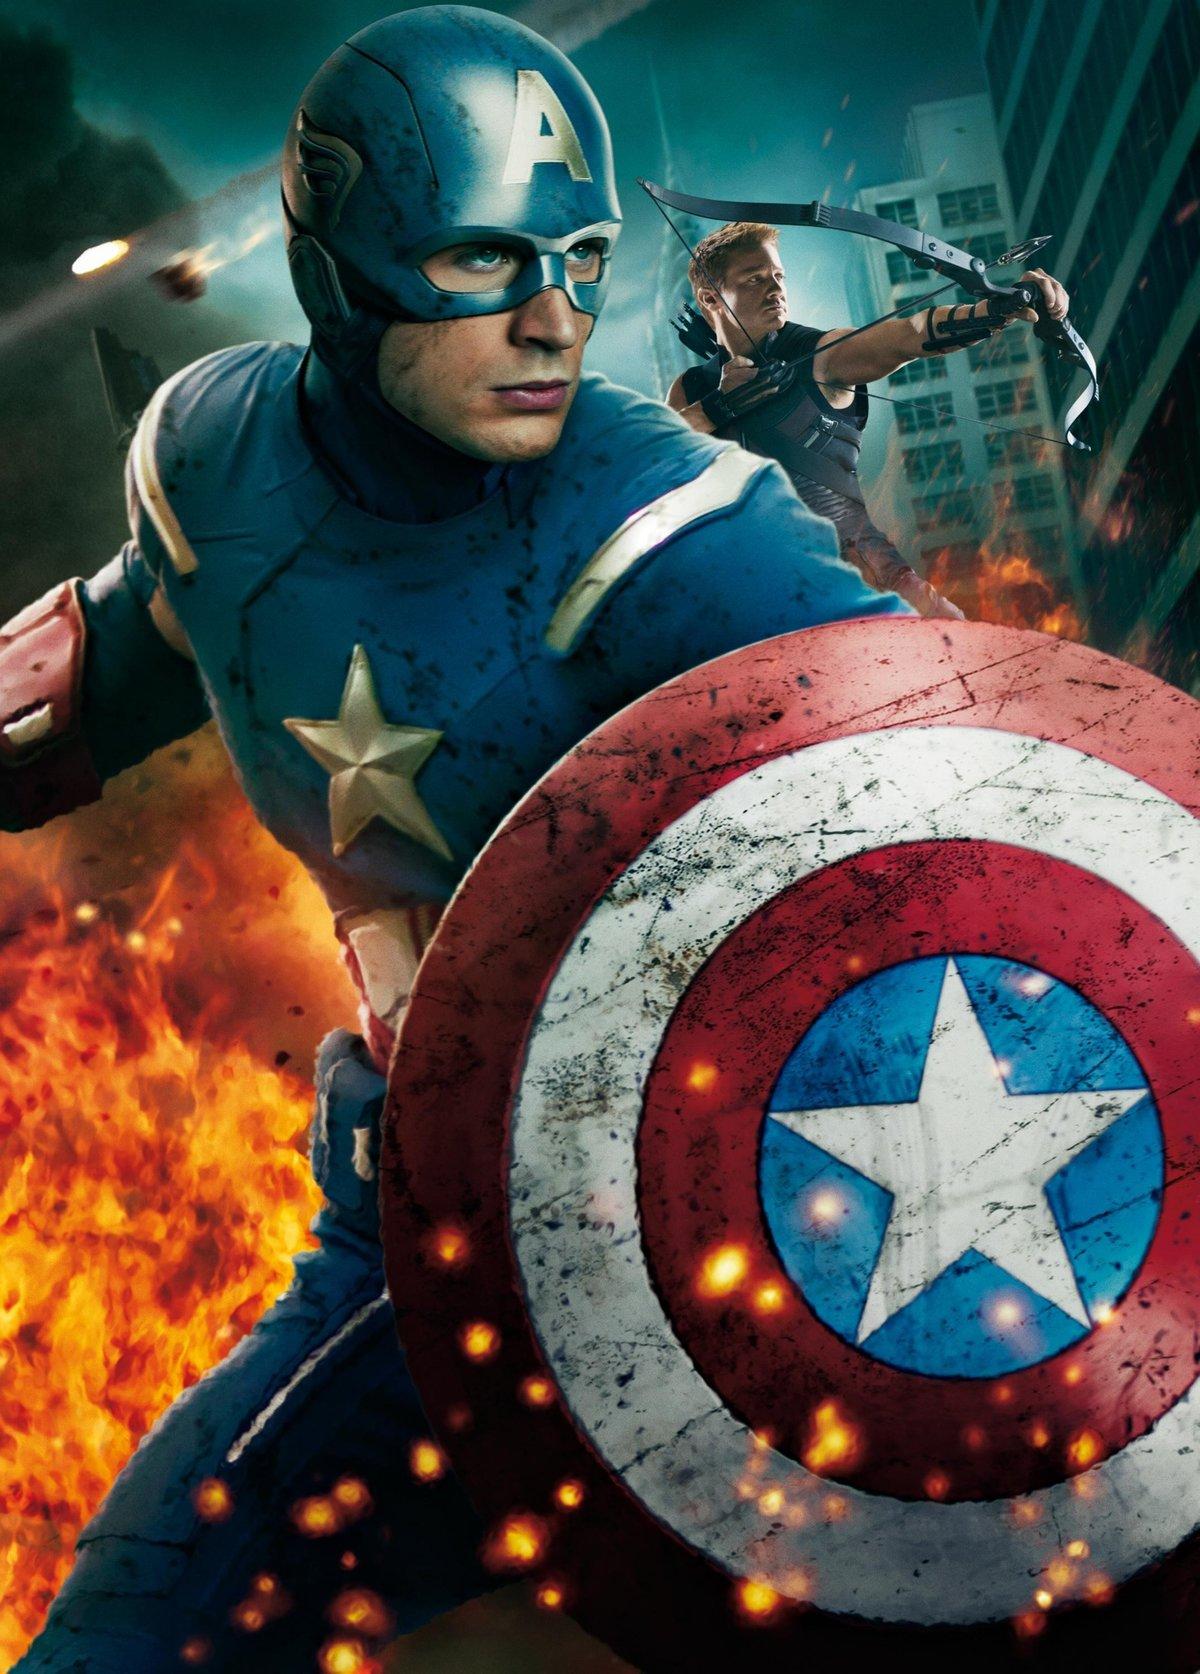 его открытия, капитан америка постер в хорошем качестве клёв жаловался